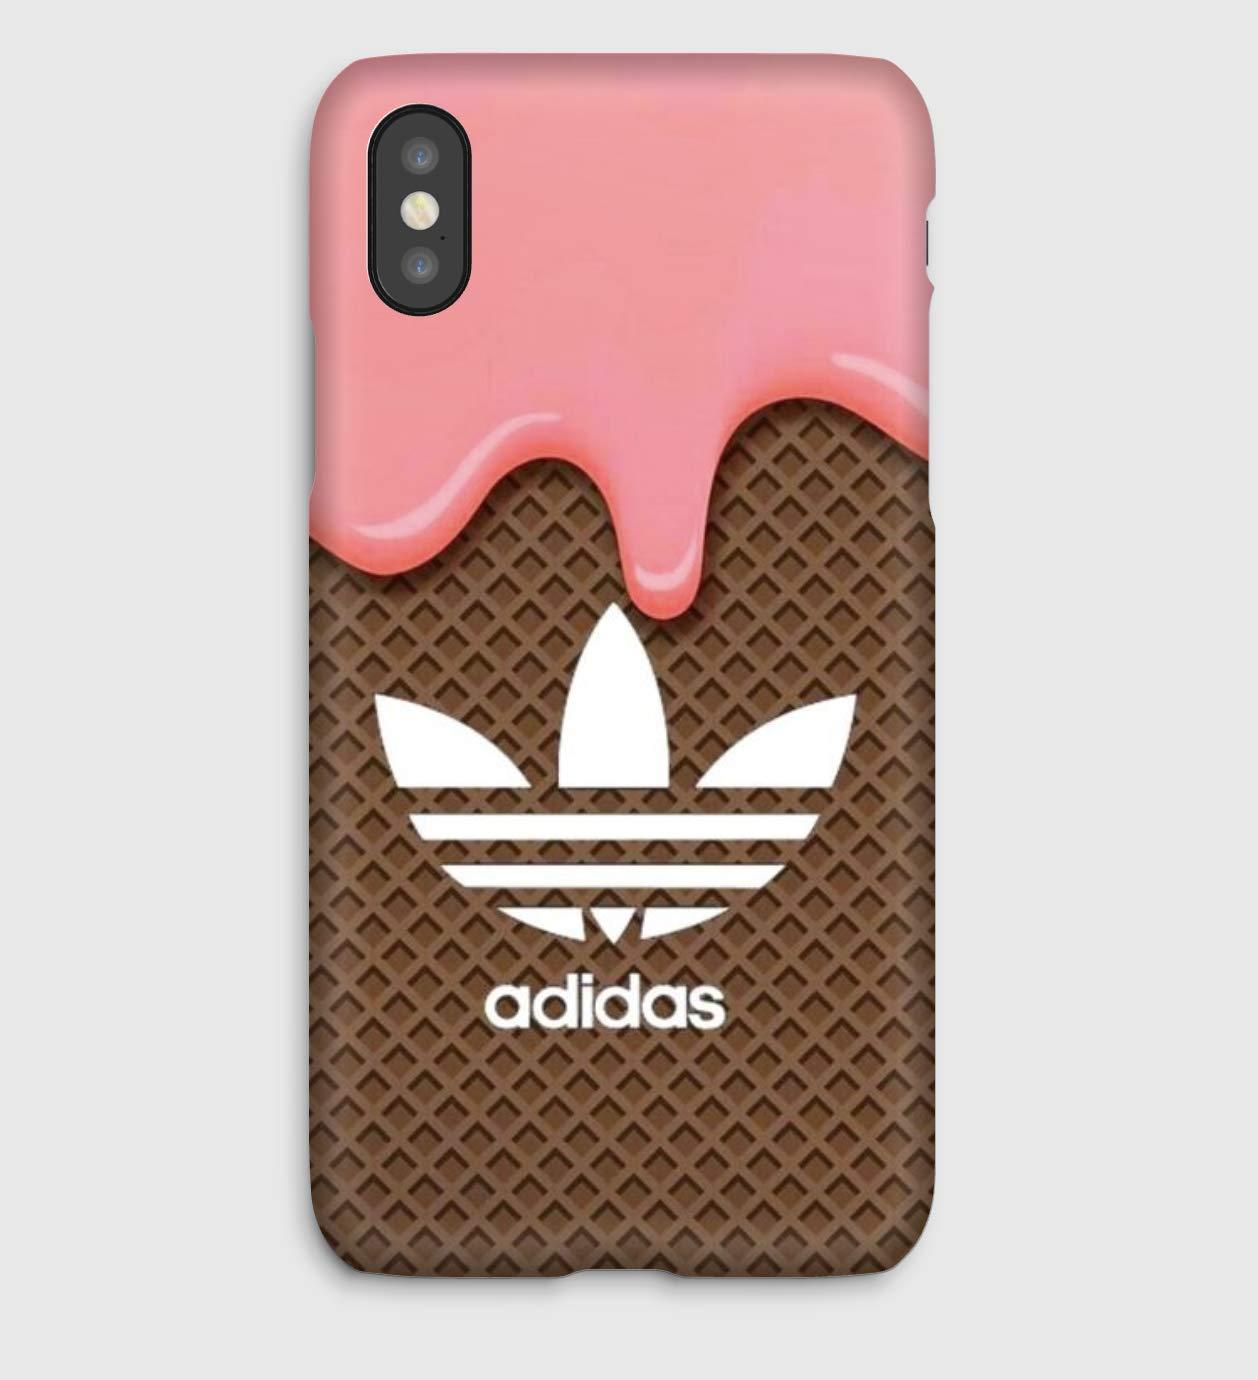 Fraise chocolat, coque pour iPhone XS, XS Max, XR, X, 8, 8+, 7, 7+, 6S, 6, 6S+, 6+, 5C, 5, 5S, 5SE, 4S, 4,